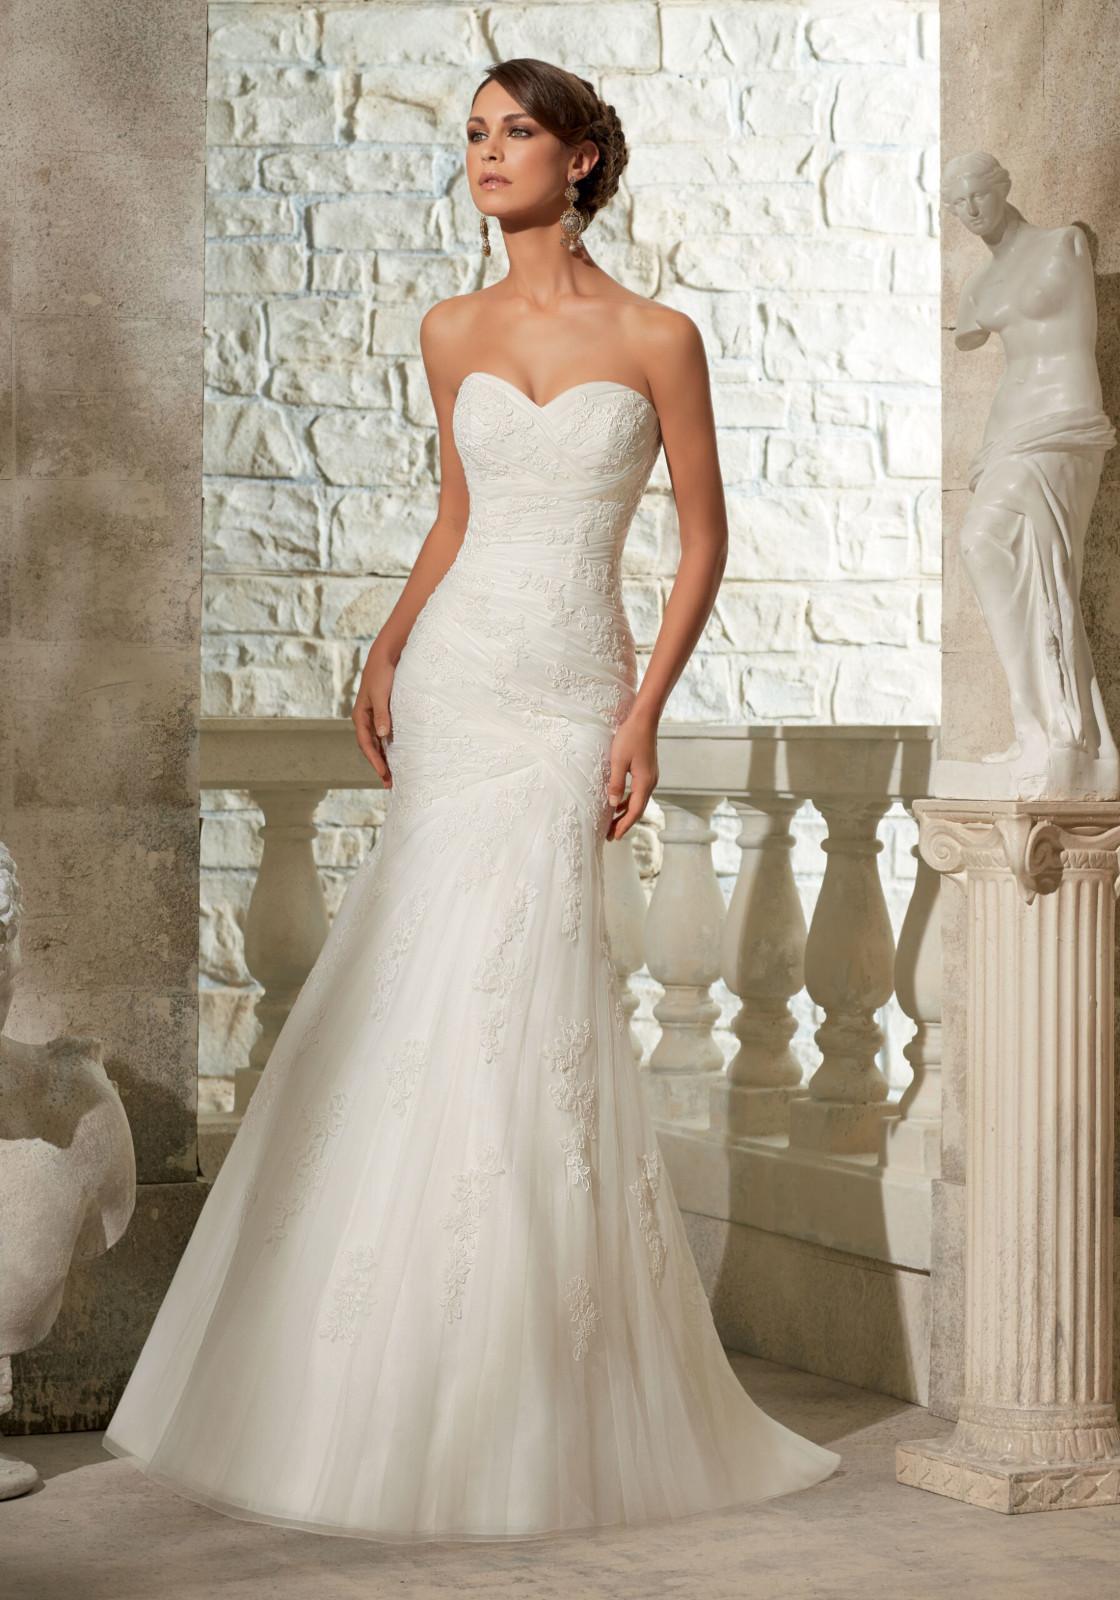 Νυφικό Φόρεμα, Morilee, Asymmetrically Draped, Γοργονέ, Δαντέλα Κεντημένη. Style, 5309